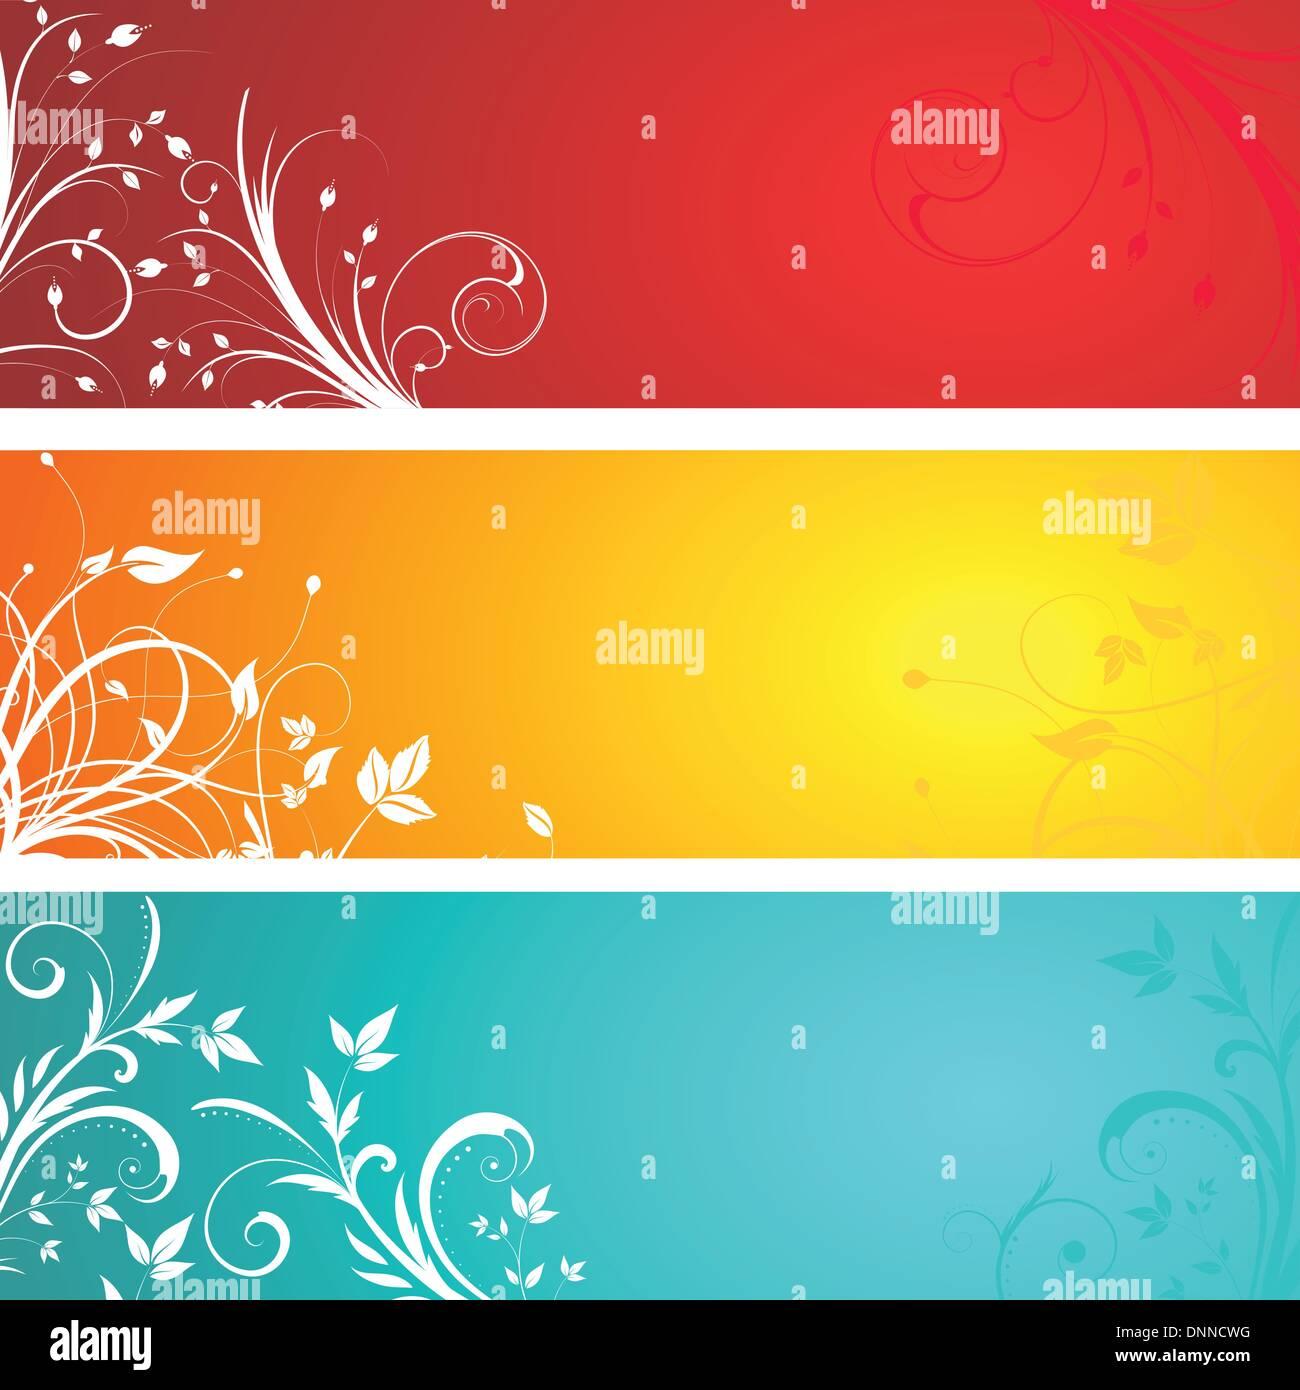 Diseñado distintos paneles florales Imagen De Stock